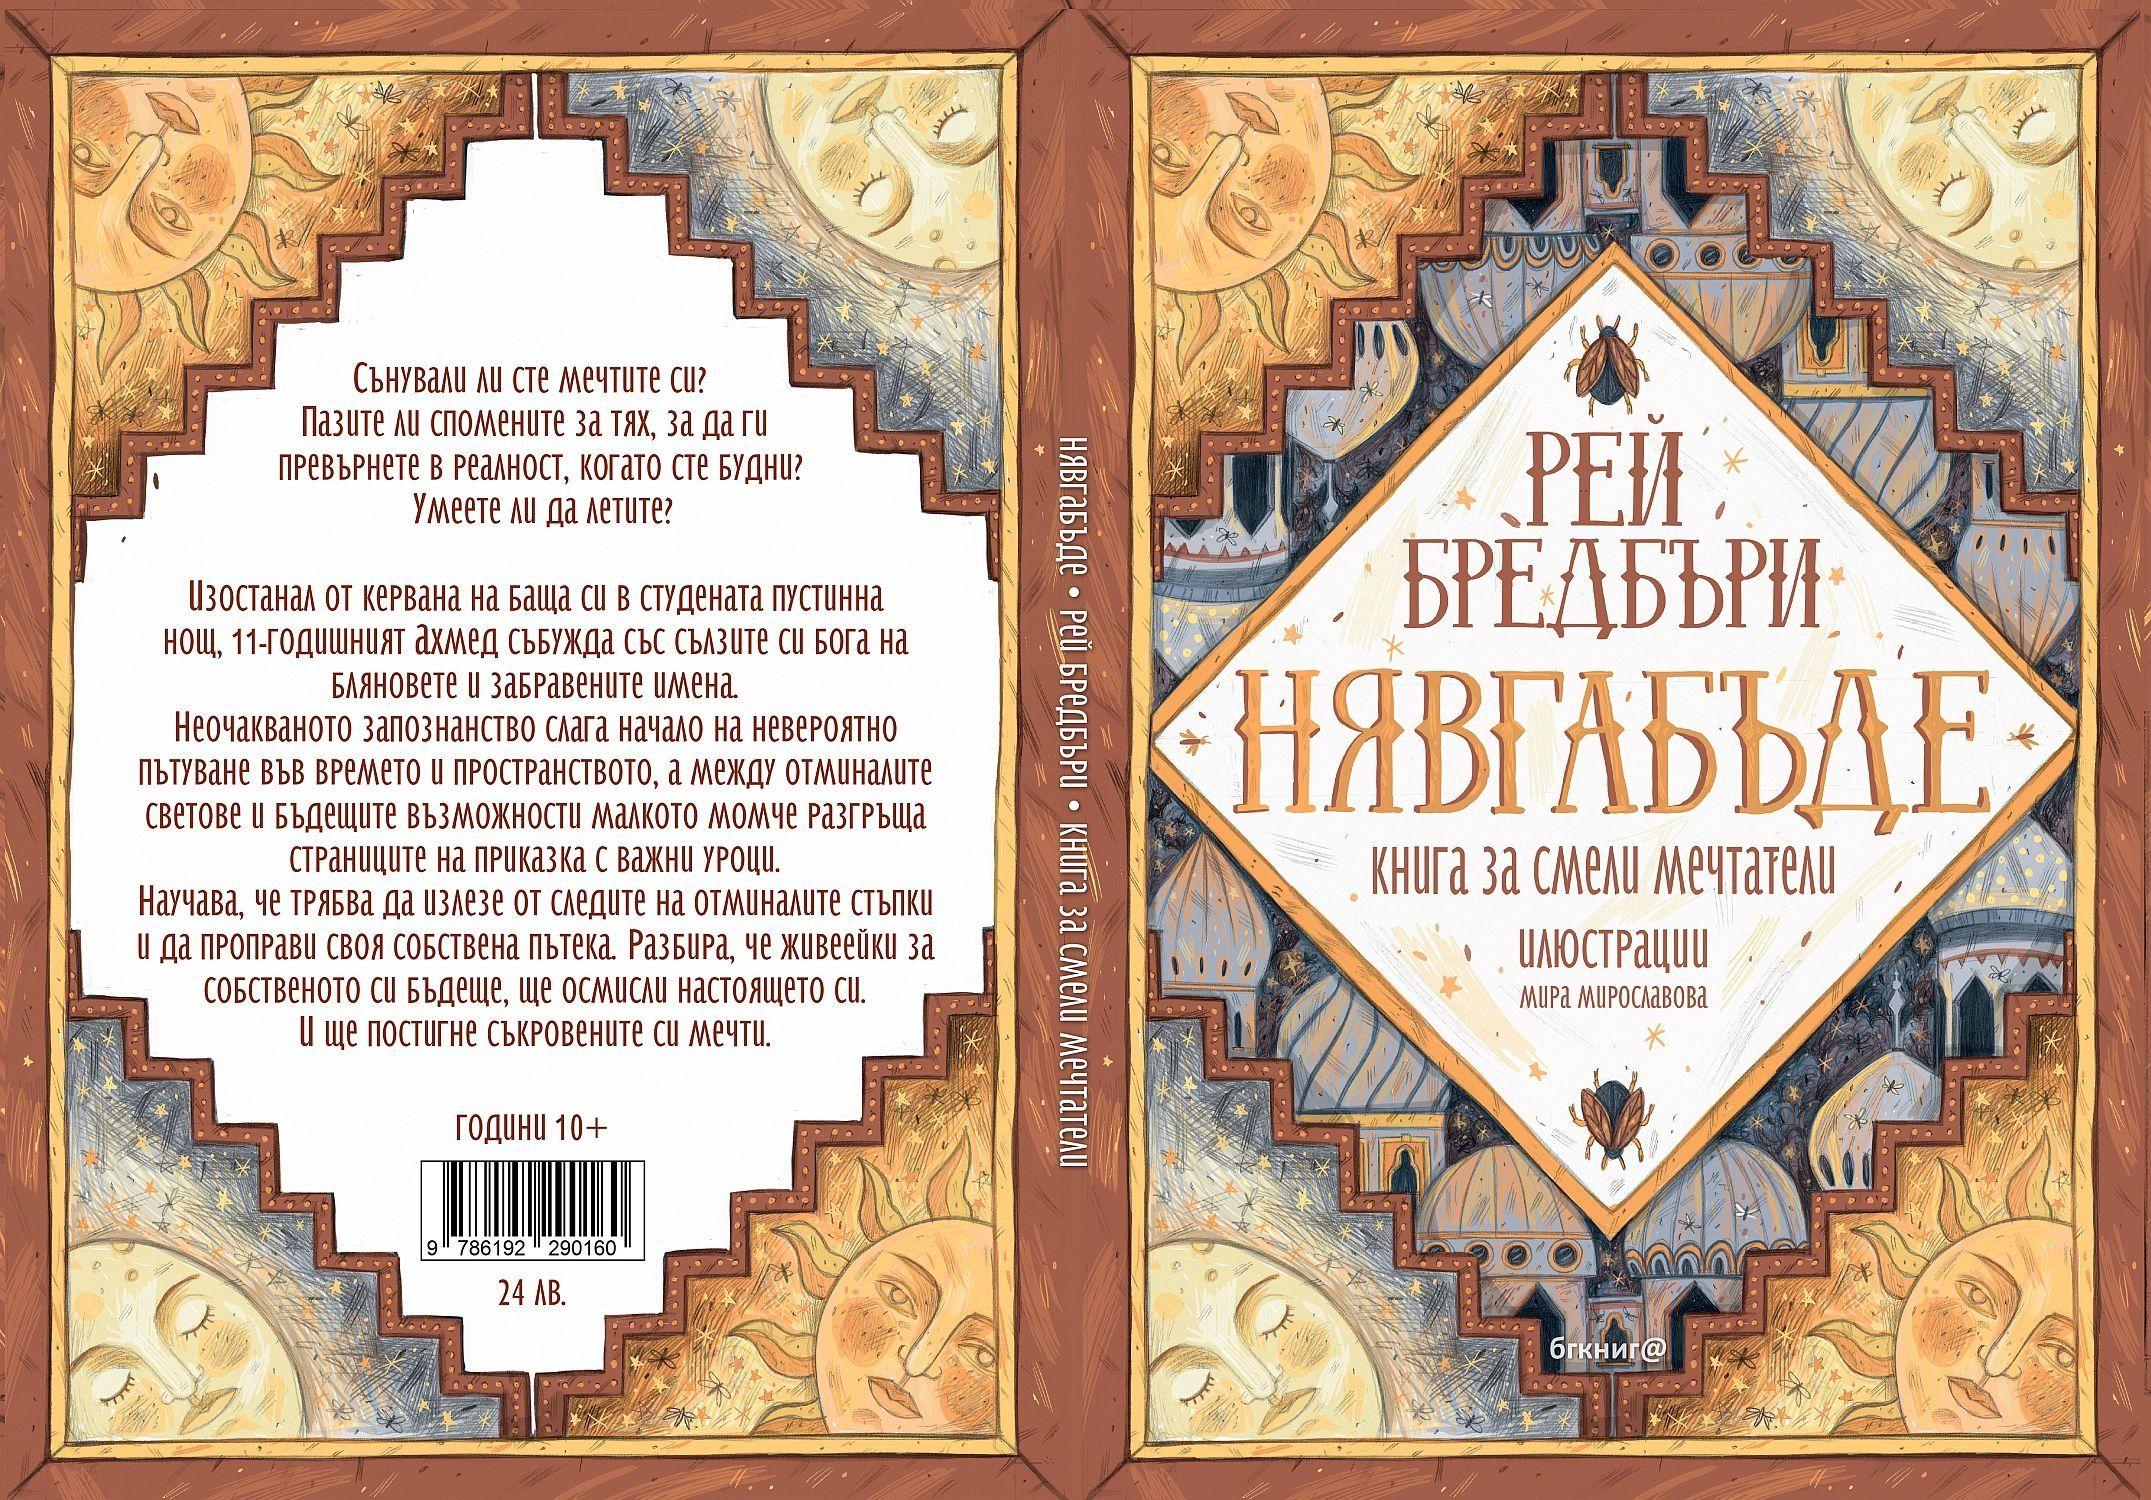 НЯВГАБЪДЕ. Книга за смели мечтатели - 3